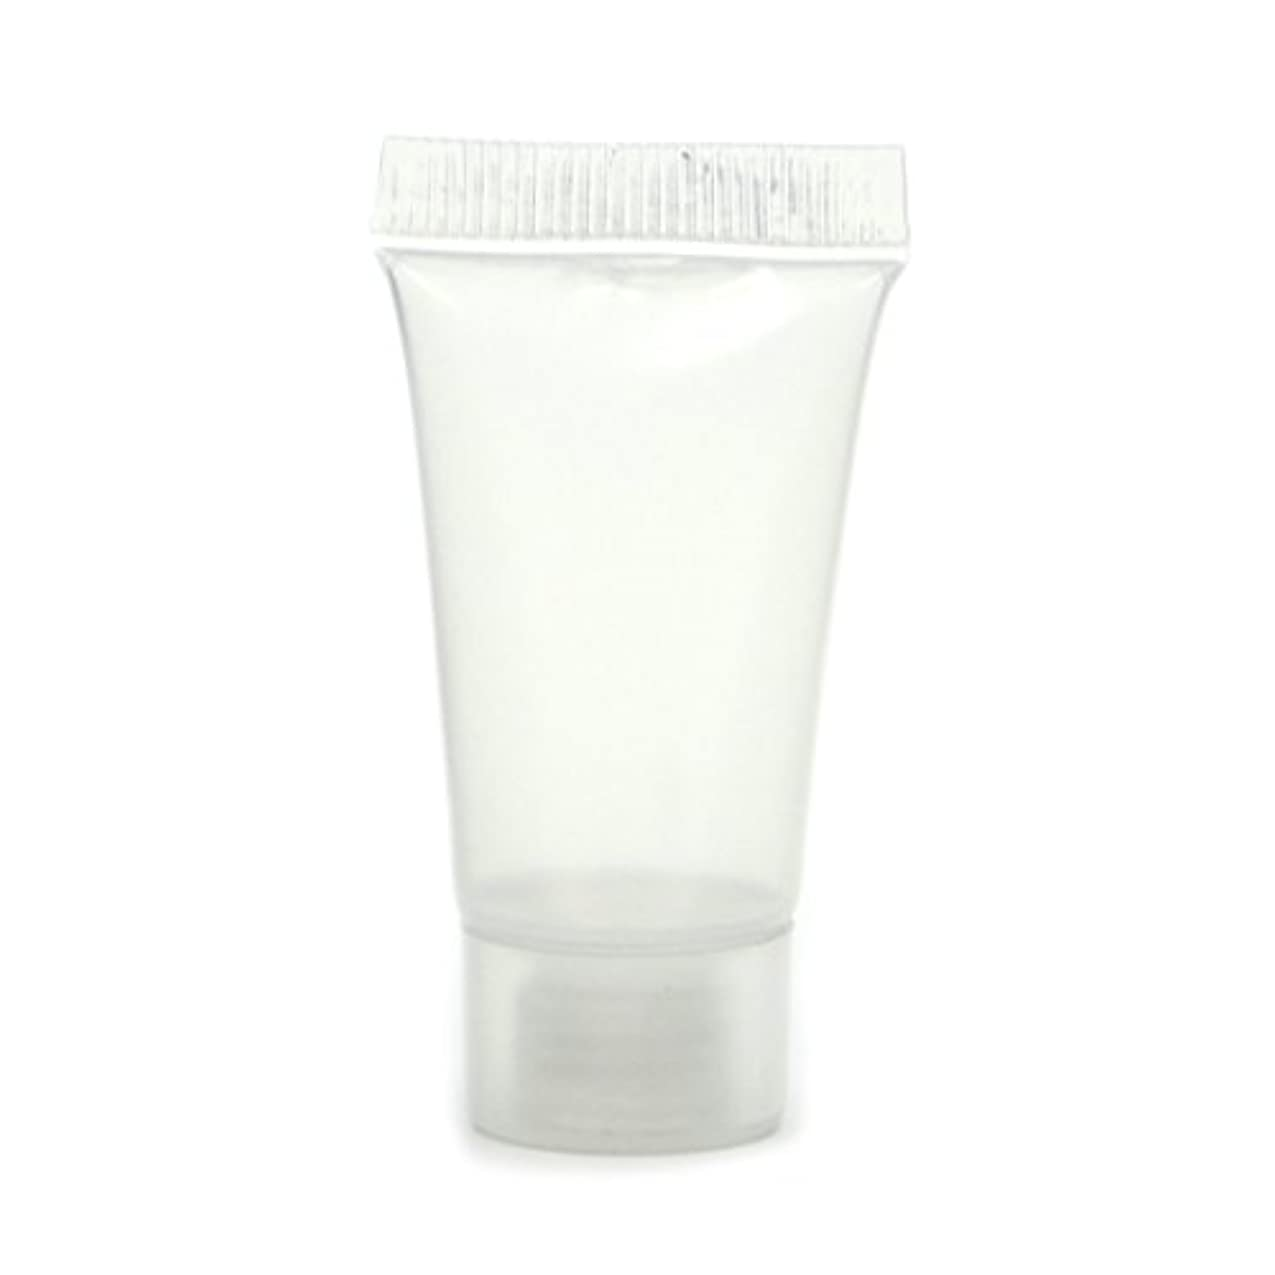 ファーザーファージュ誠実最初にAngelakerry ハンドクリーム用チューブ クリア 8ml 手作り化粧品 手作りコスメ 化粧品容器 20本セット [並行輸入品]